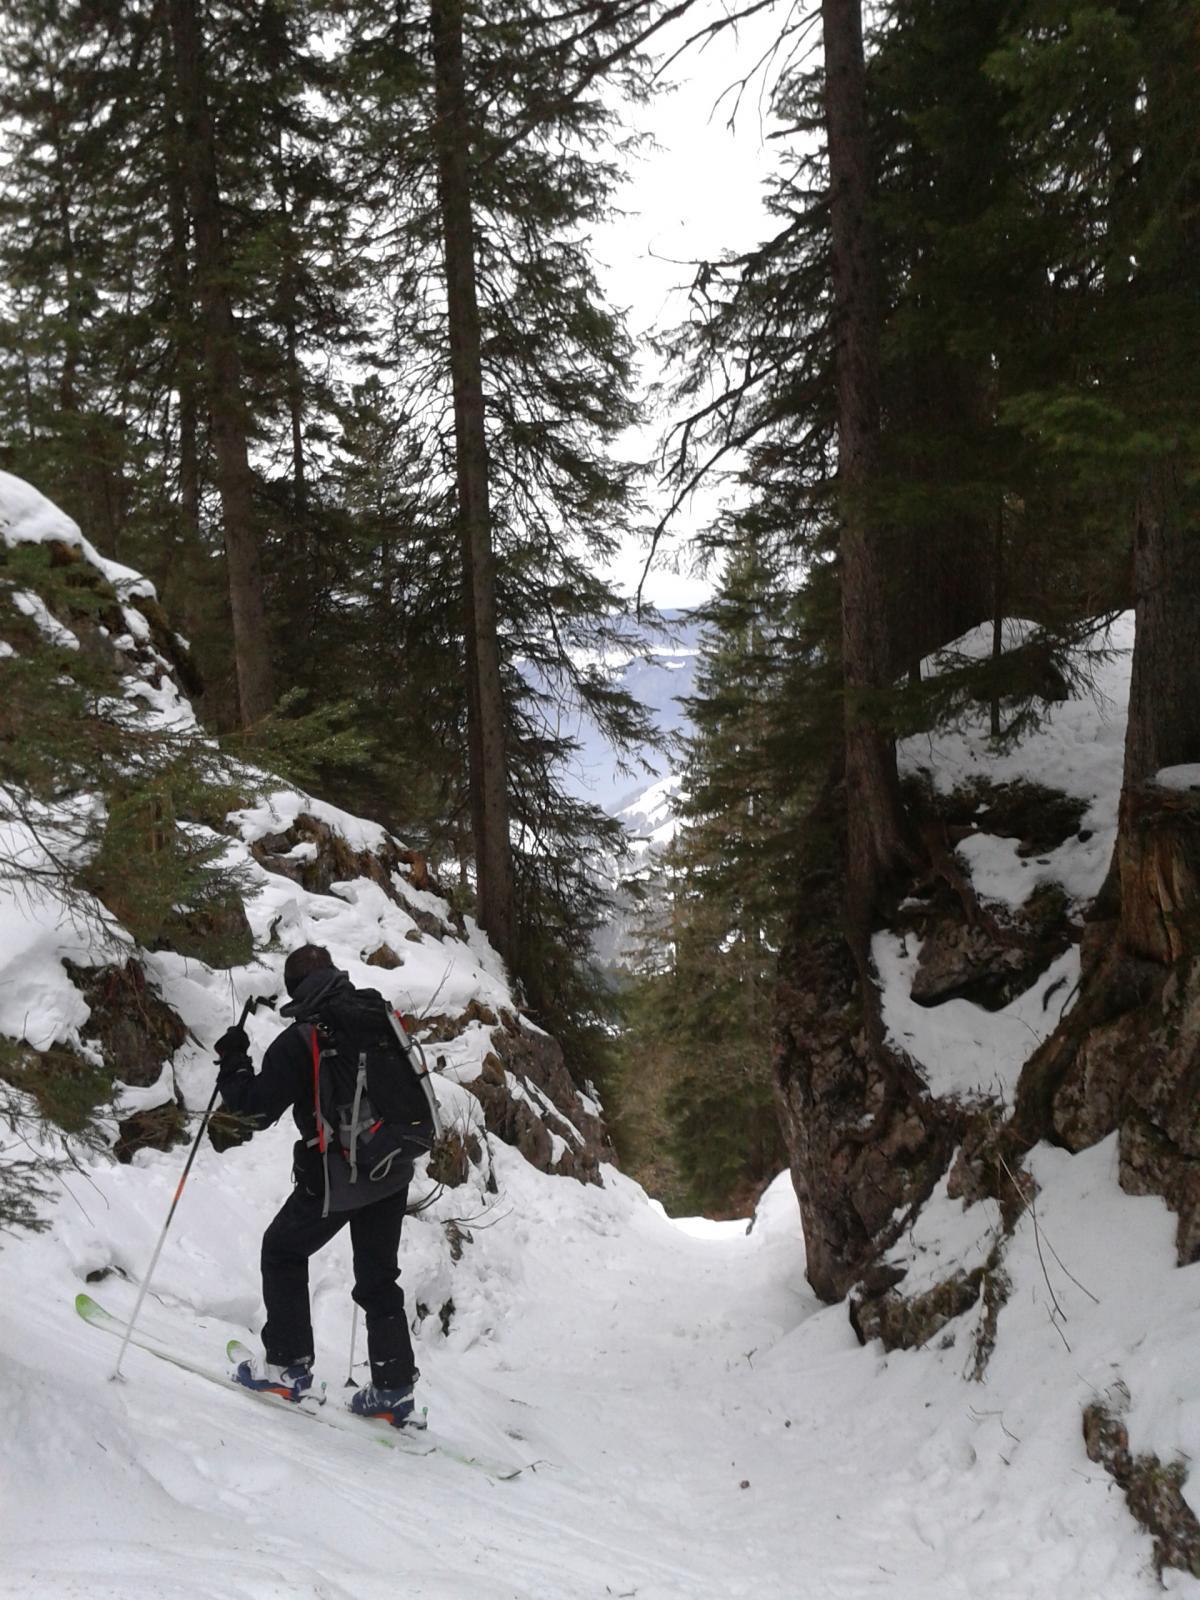 Nel bosco seguendo il sentiero